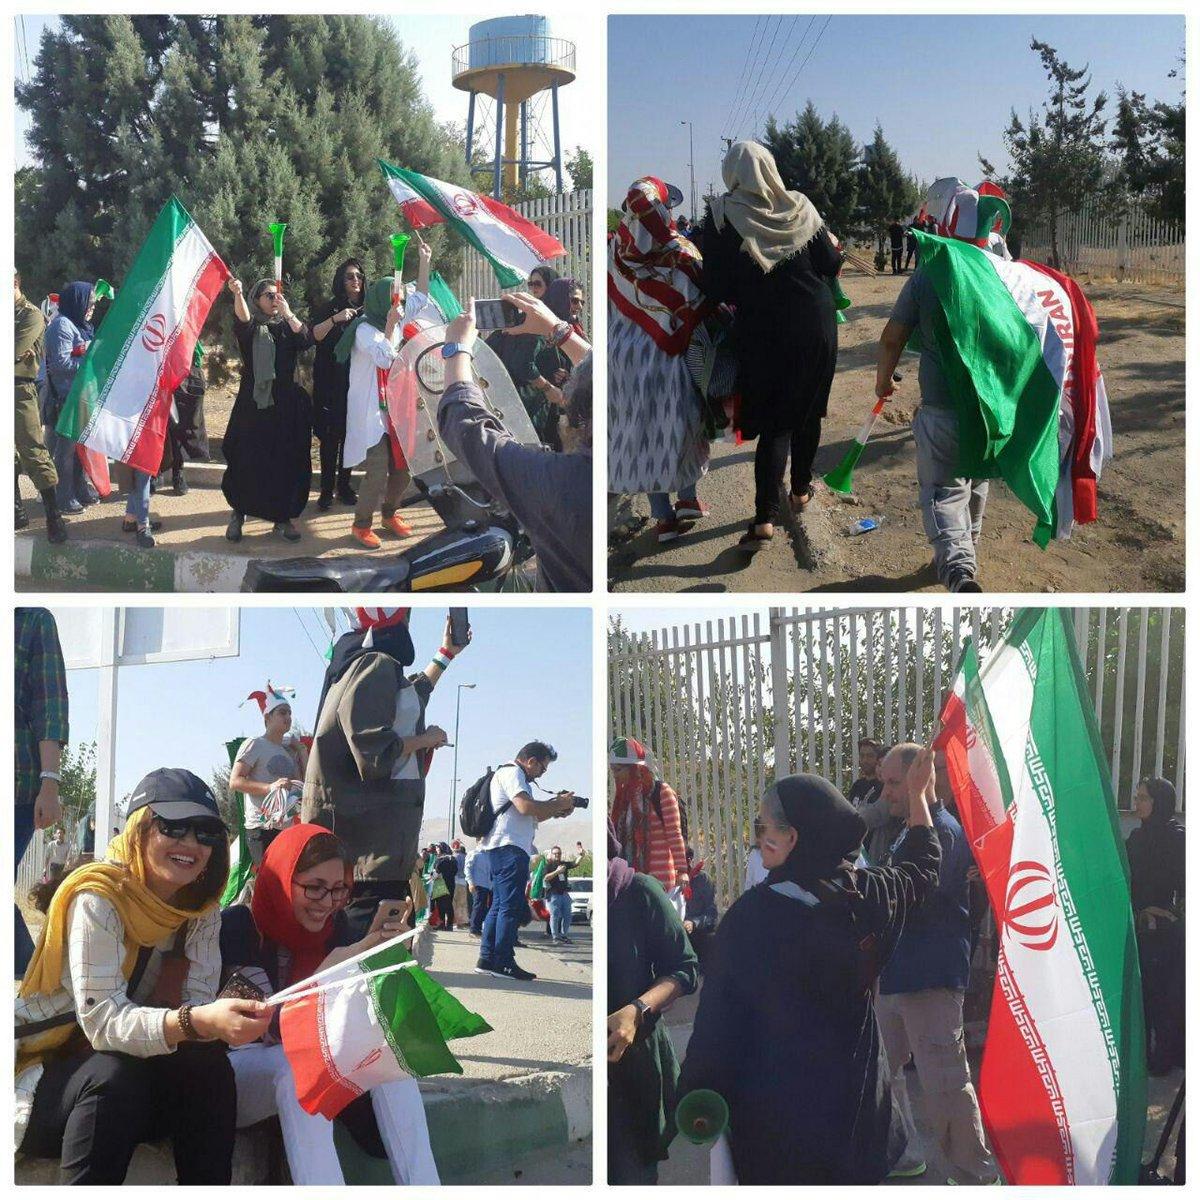 جناب آقای جمهوری با سلام و تحیات زنانی که با پرچمت به ورزشگاه میروند را باید دست ببوسی نه اذیت کنی. من الله توفیق #با_من_به_ورزشگاه_بیا